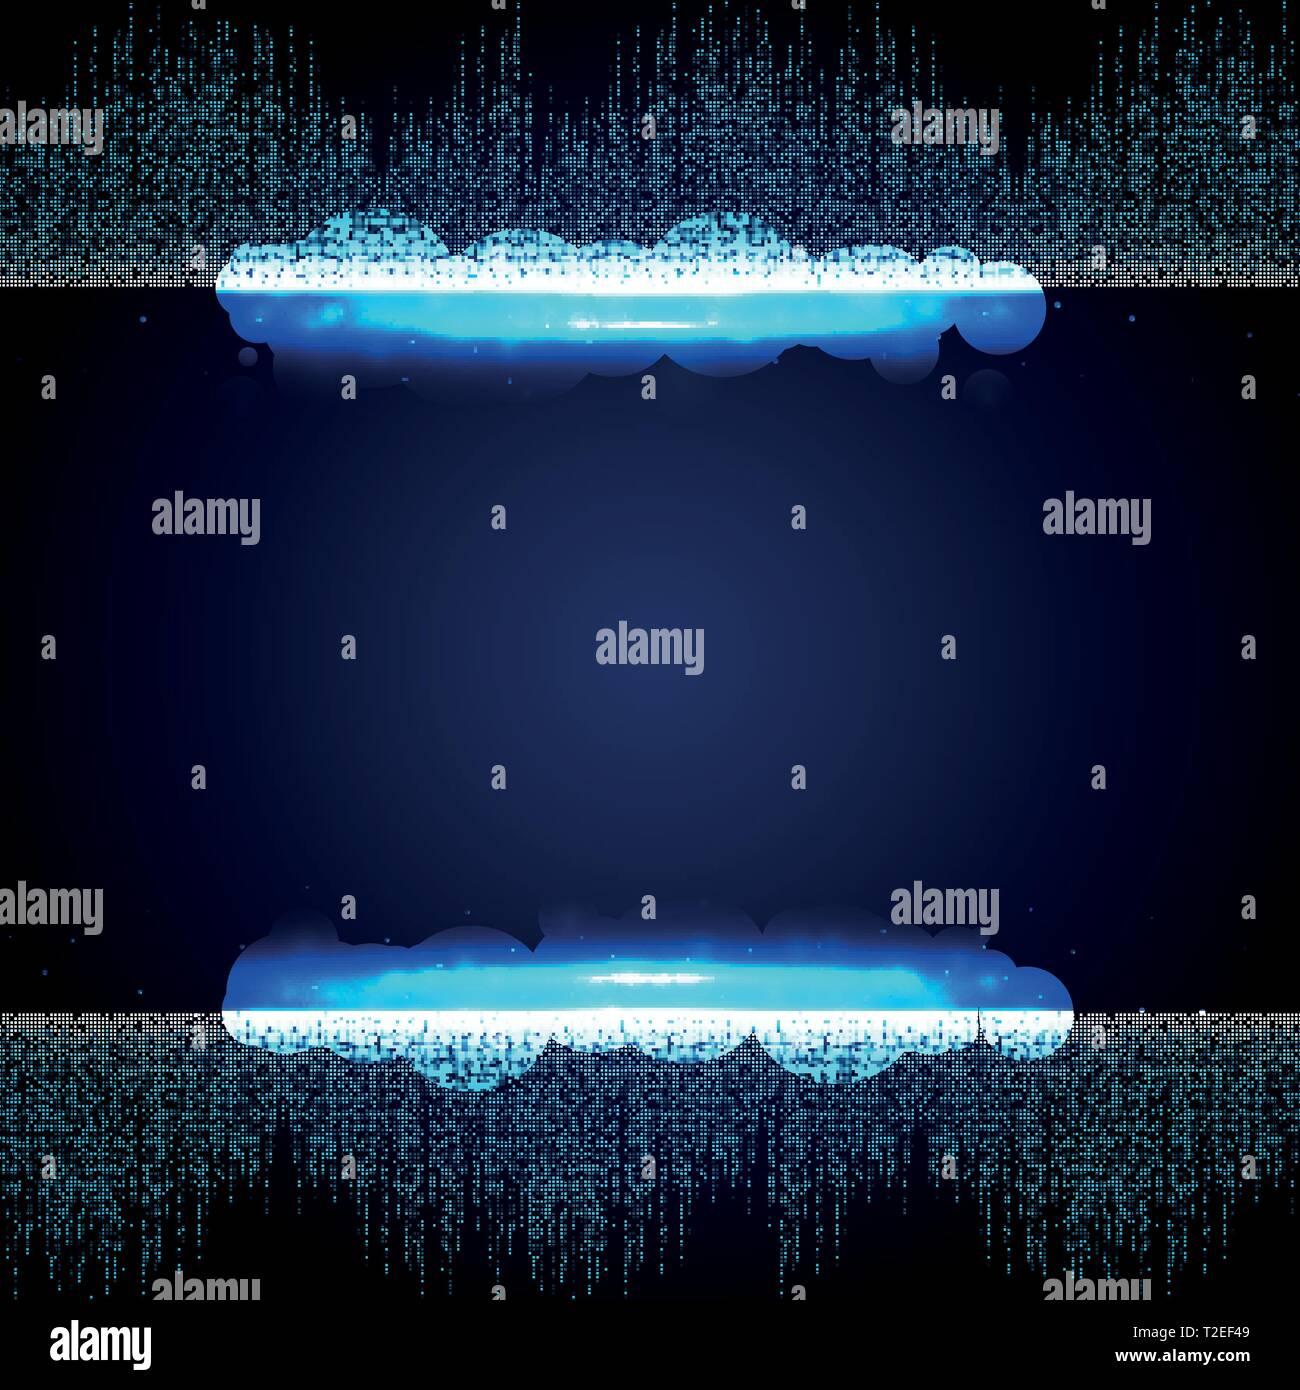 Abstrakt Blau futuristisch aus quadratischen Zusammenhang Muster Hintergrund. Sie können für die grafische Gestaltung, Hi Tech, Plakat, Buch, Artwork illustration Vektor verwenden. Stockbild